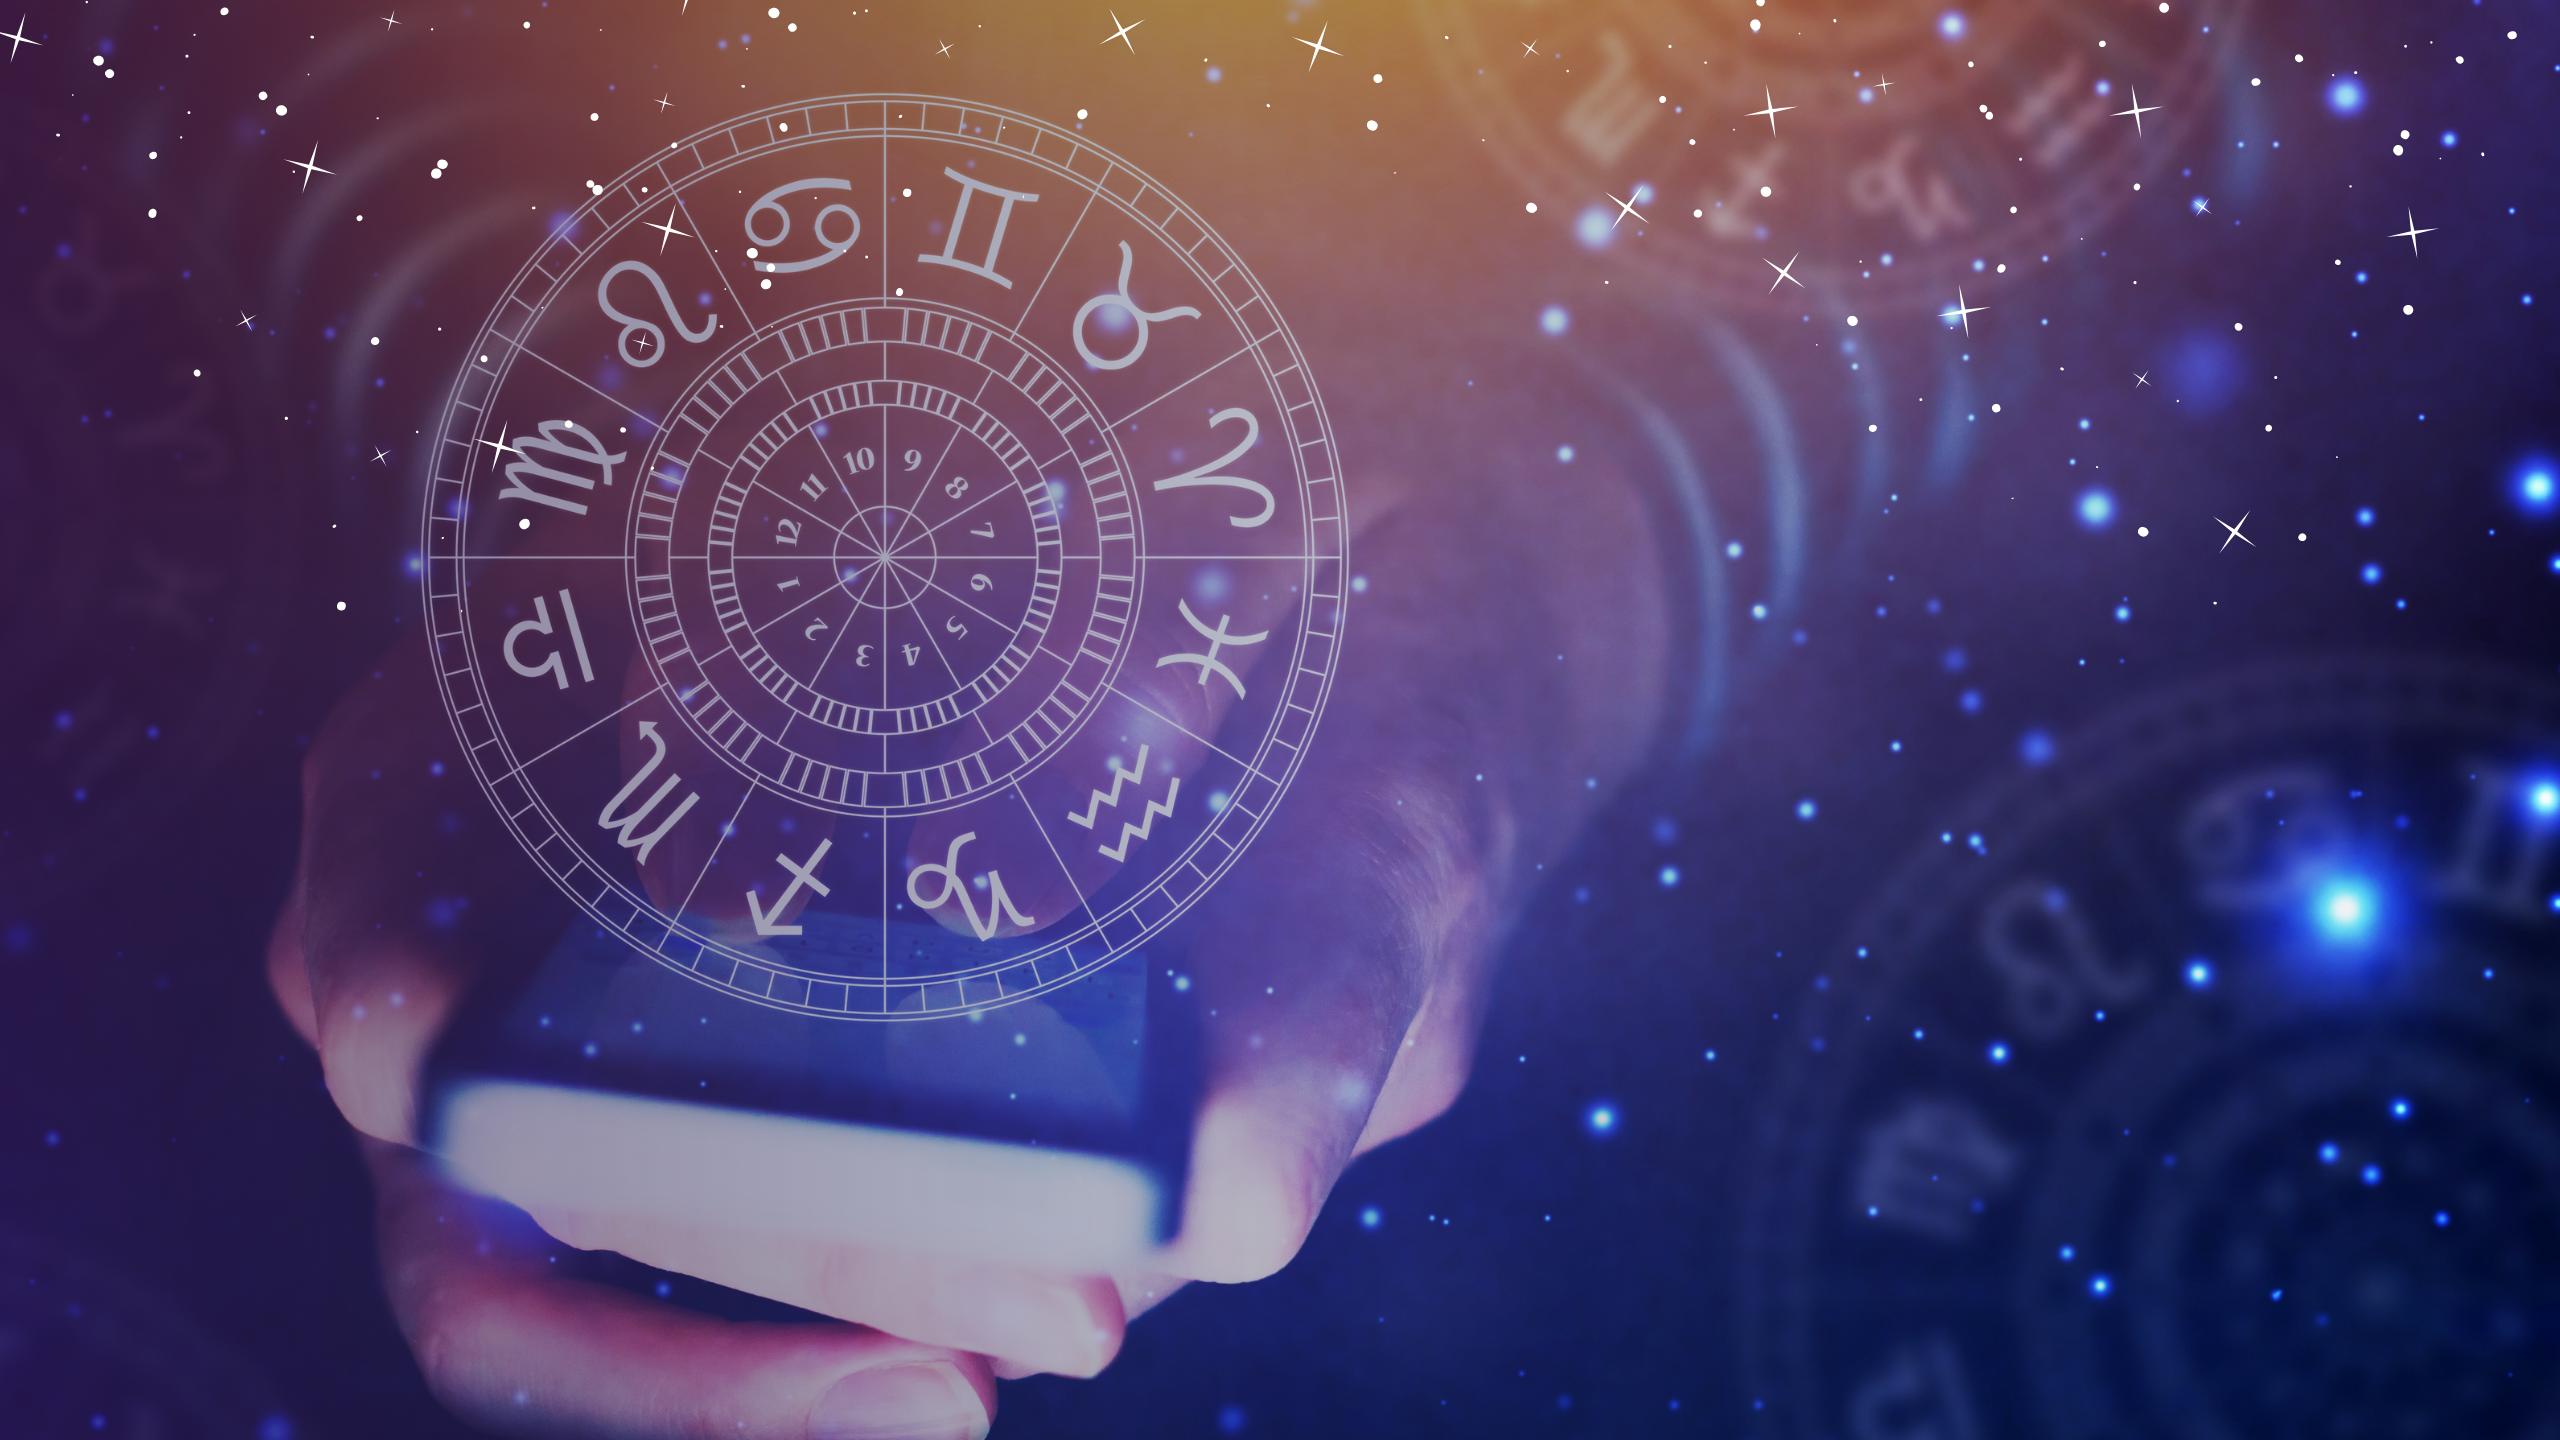 Cosmic Dream Alchemy